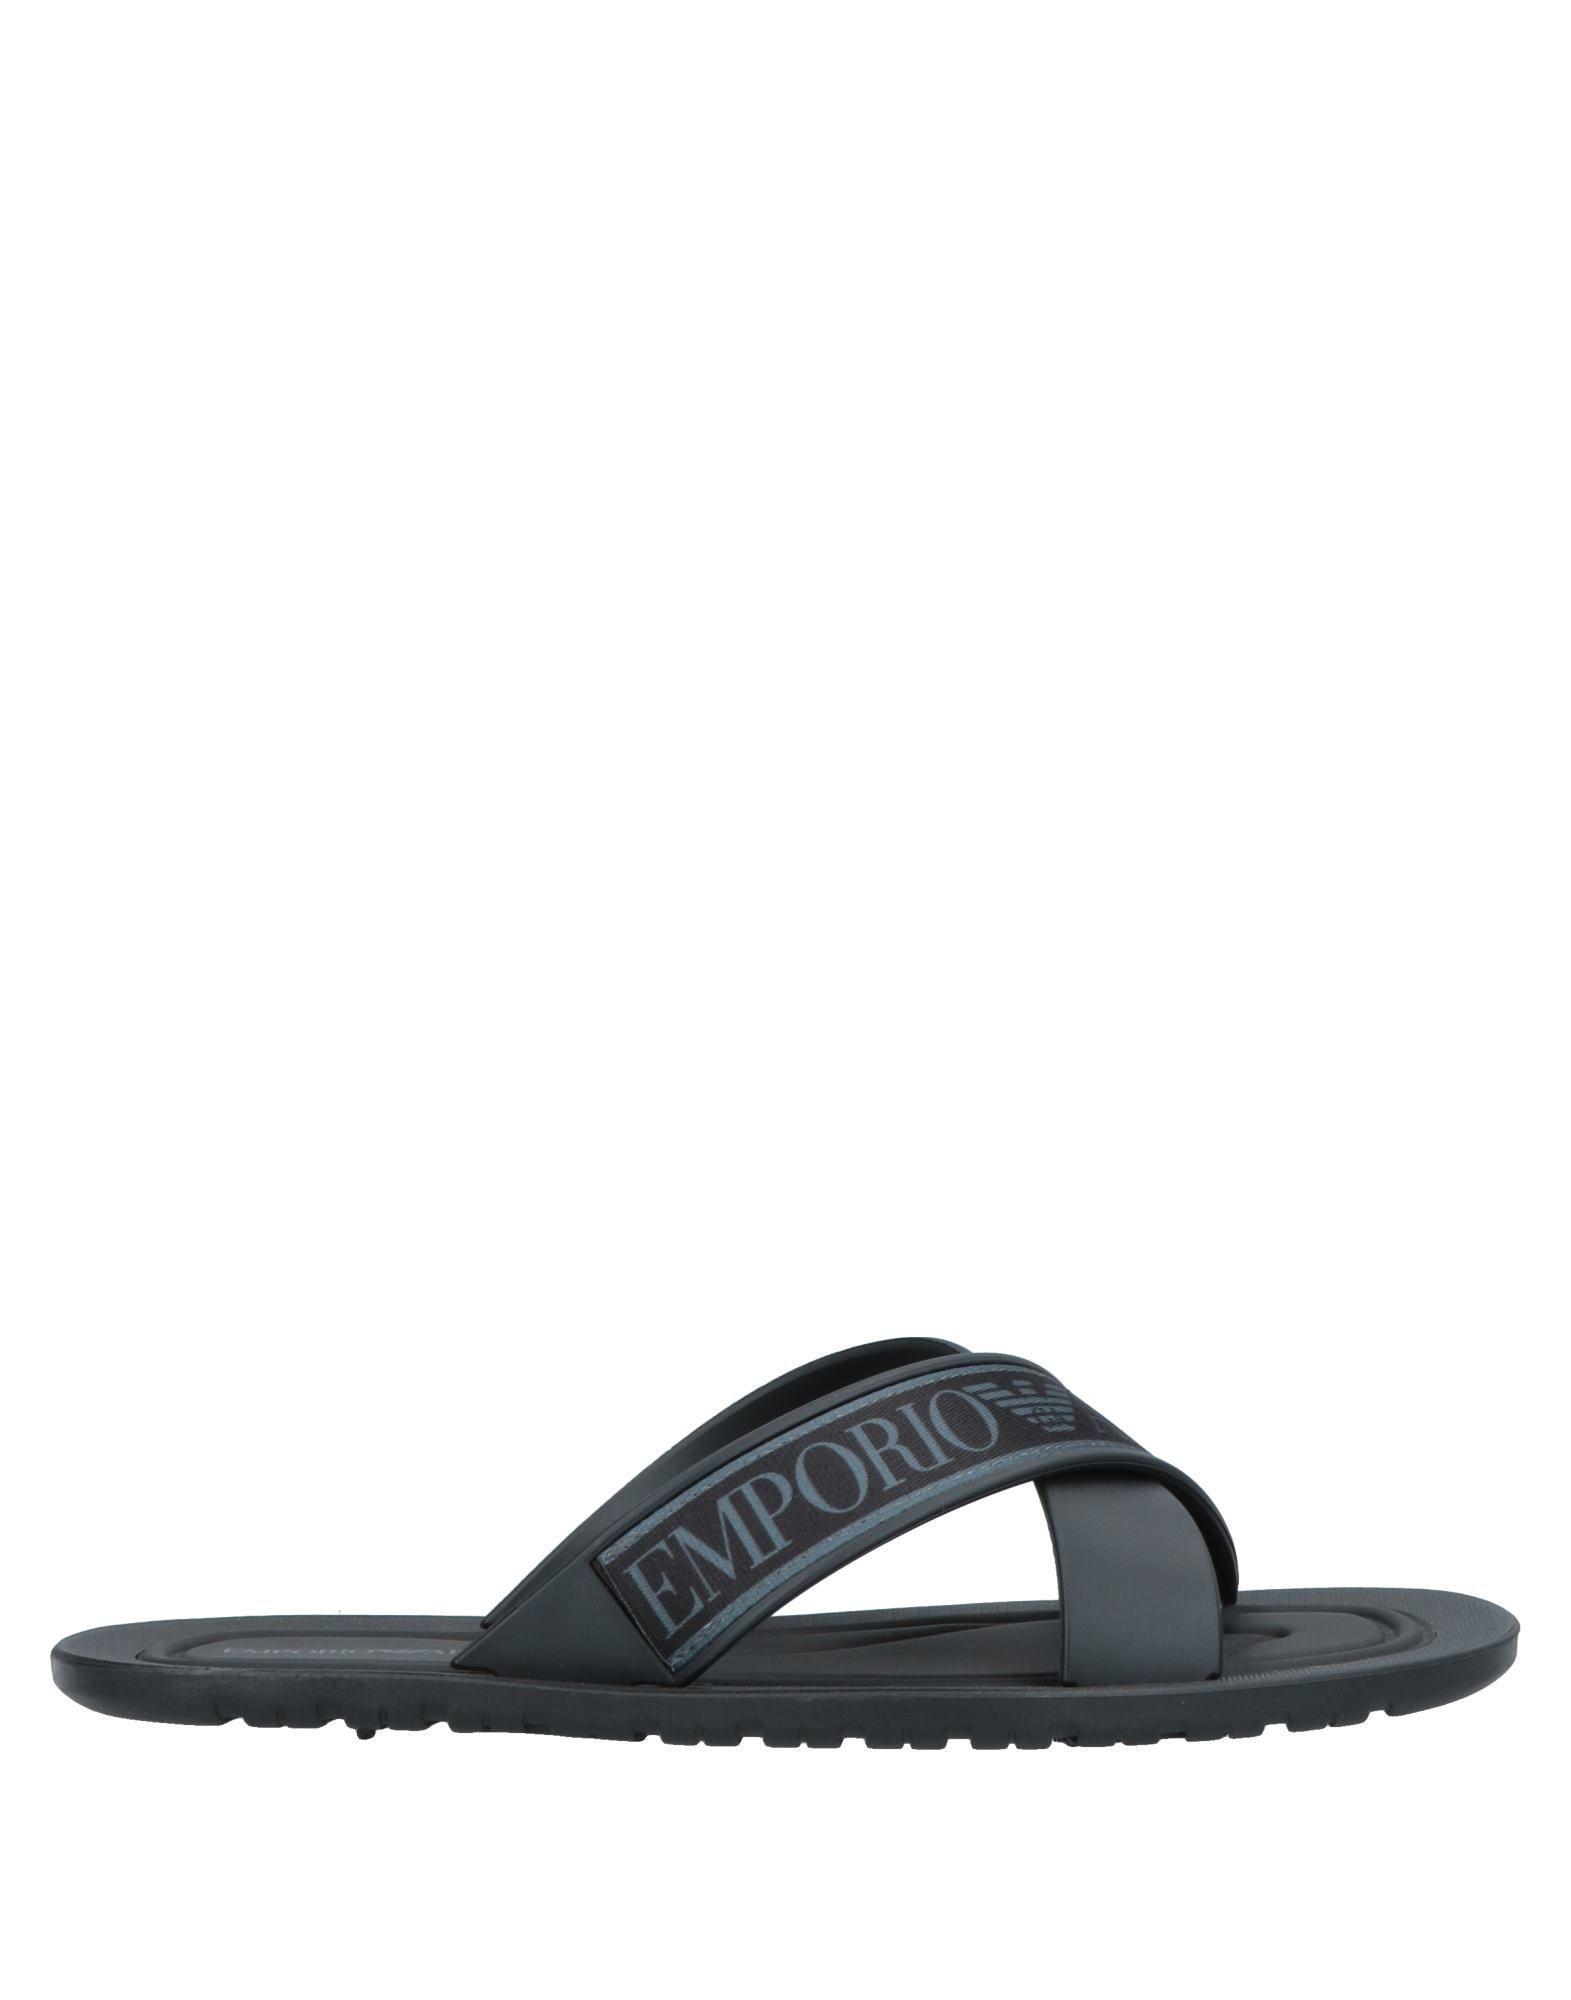 8b5eb5771 Lyst - Emporio Armani Sandals in Black for Men